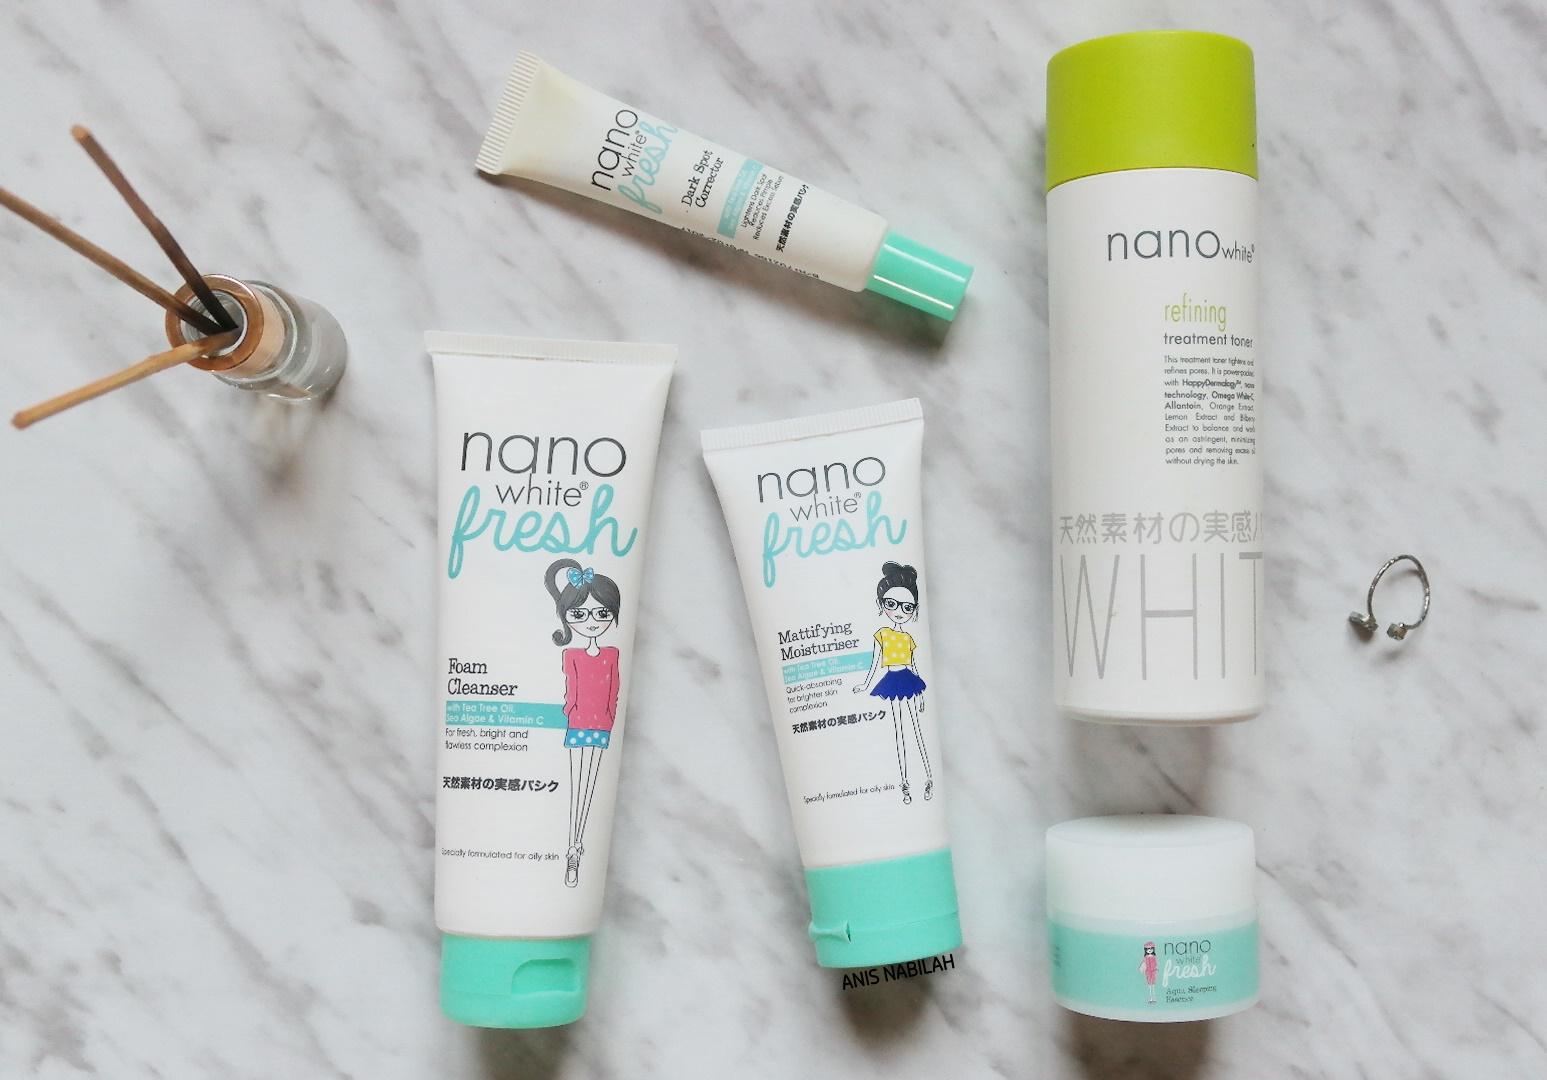 nano white